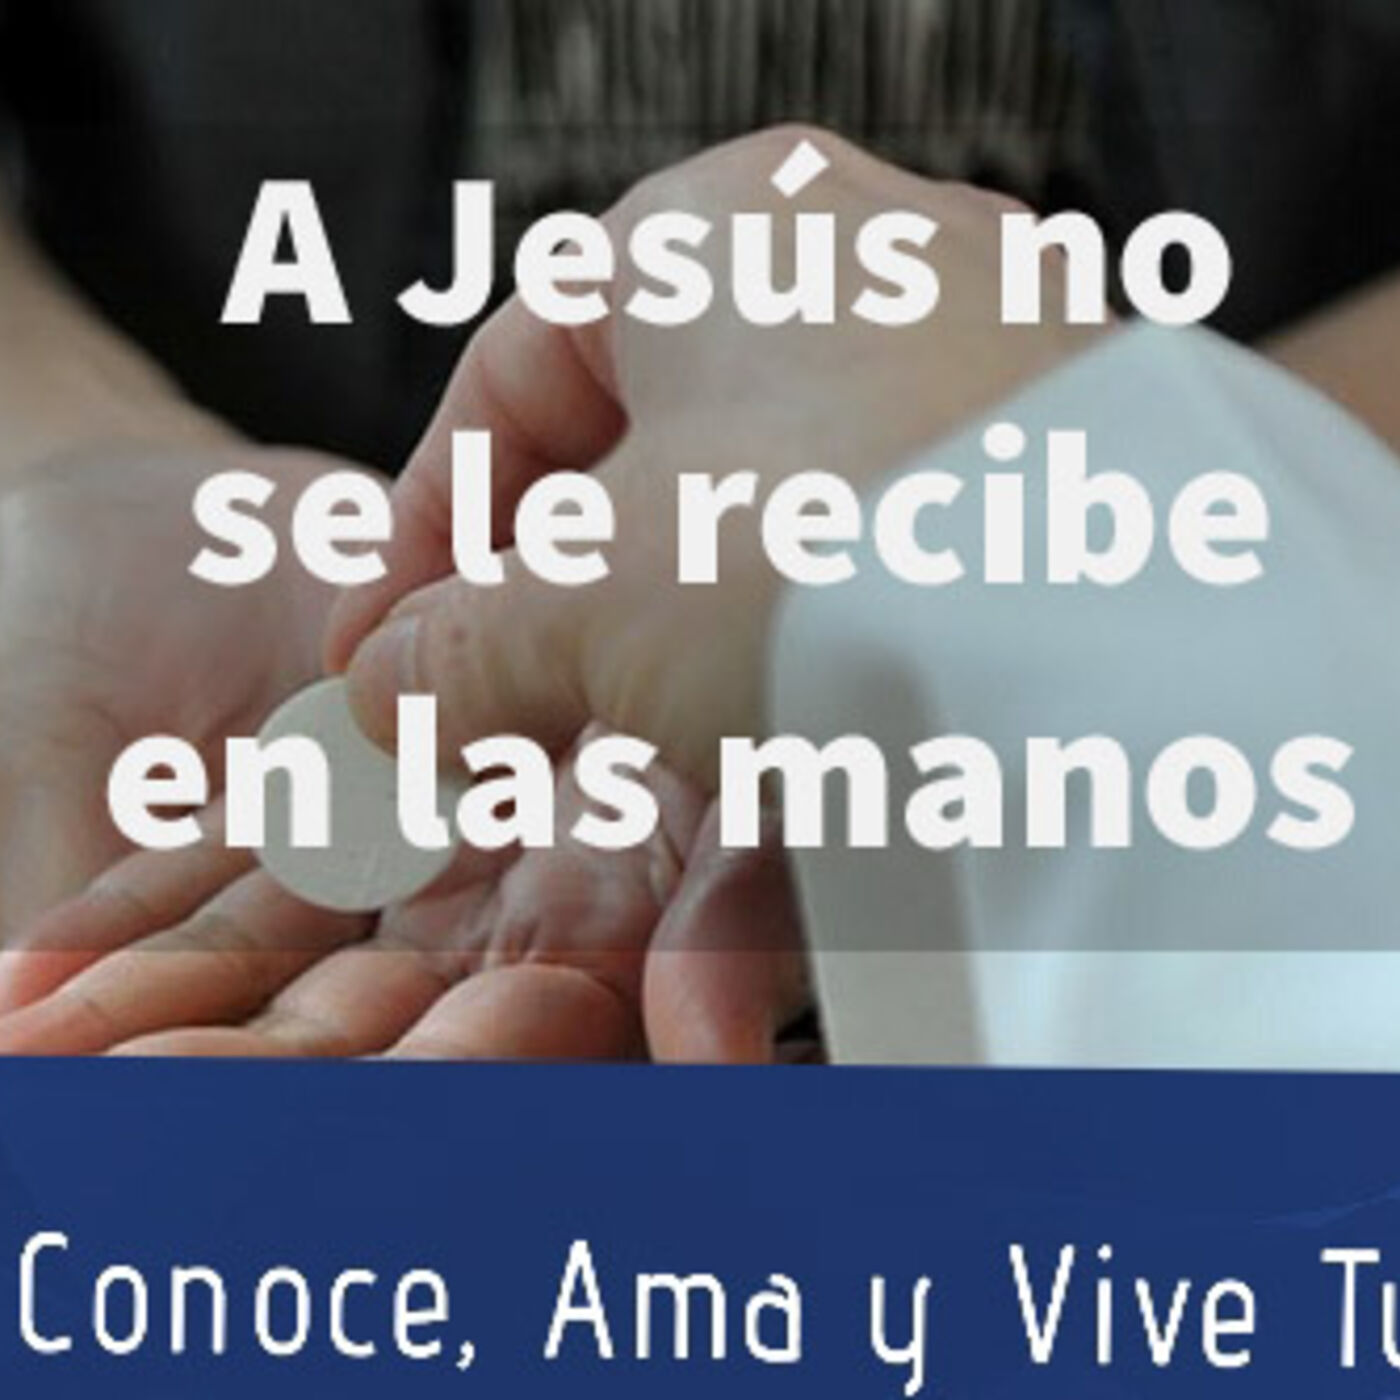 Episodio 109: 🛐 A Jesús no se le recibe en la mano  🚫🖐